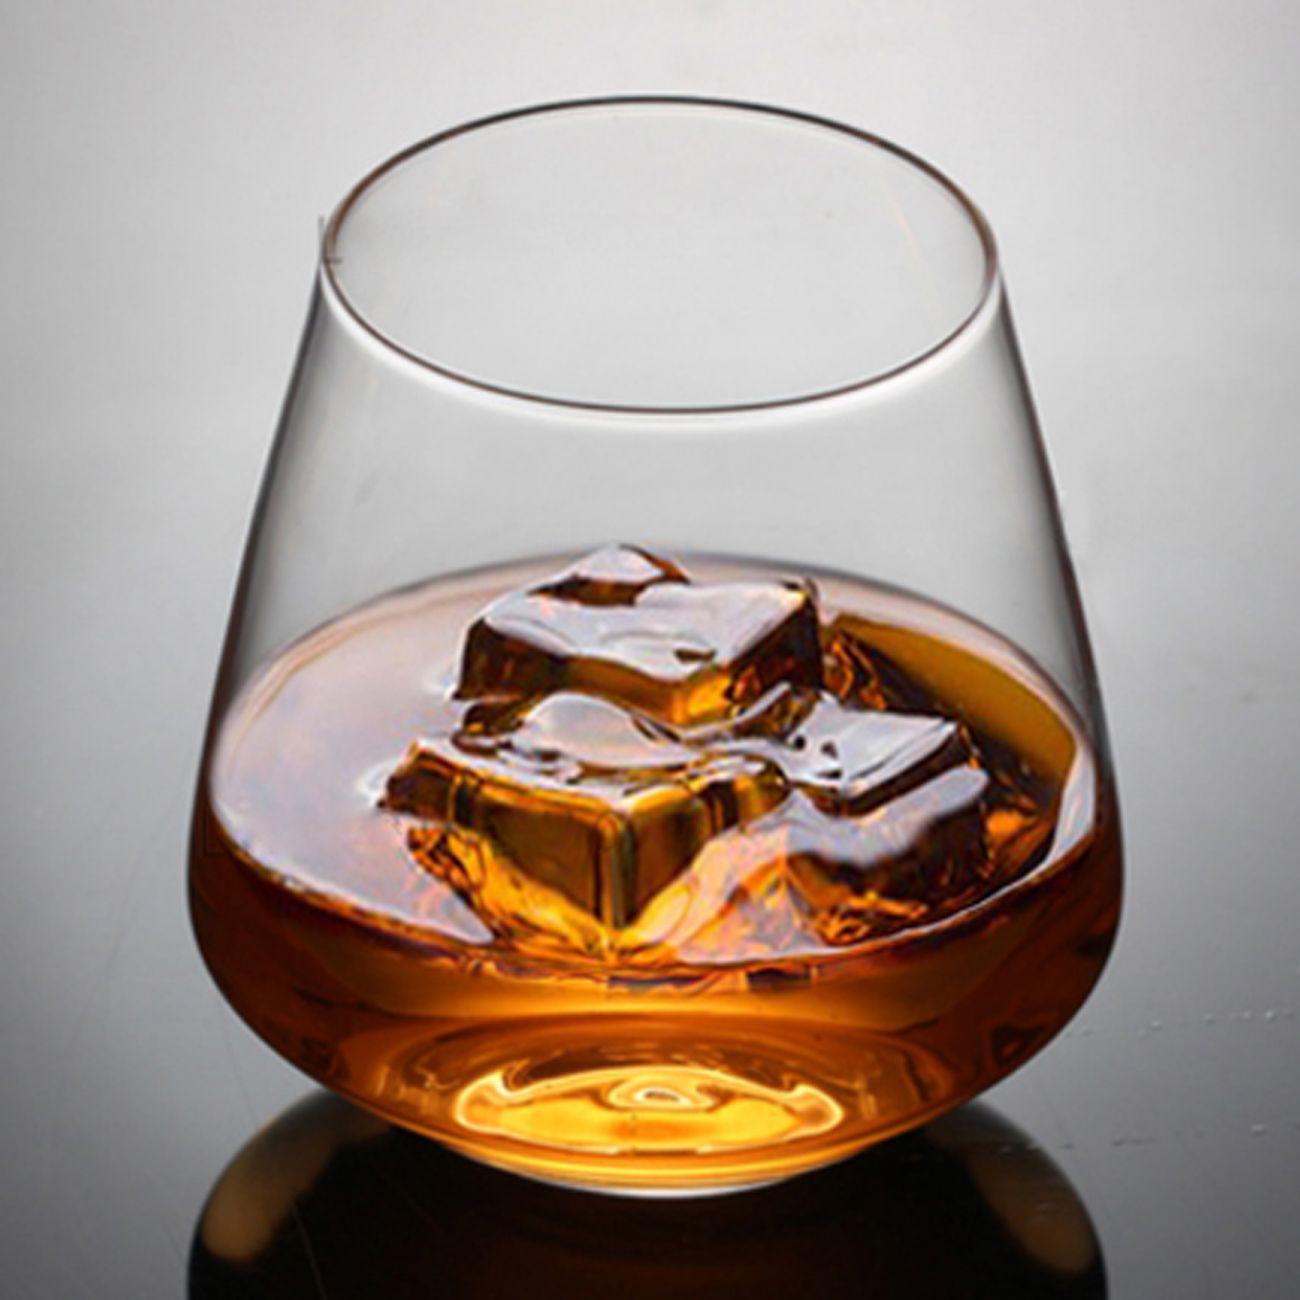 ca37505e4d Acheter 360 Ml Verres À Vin Jus Tasse Bouteille D'eau Tasses En Plein Air  Cocktail Bière Bière Whiskey Verre Verres Pour Fête De Mariage Nouvelle  Année ...